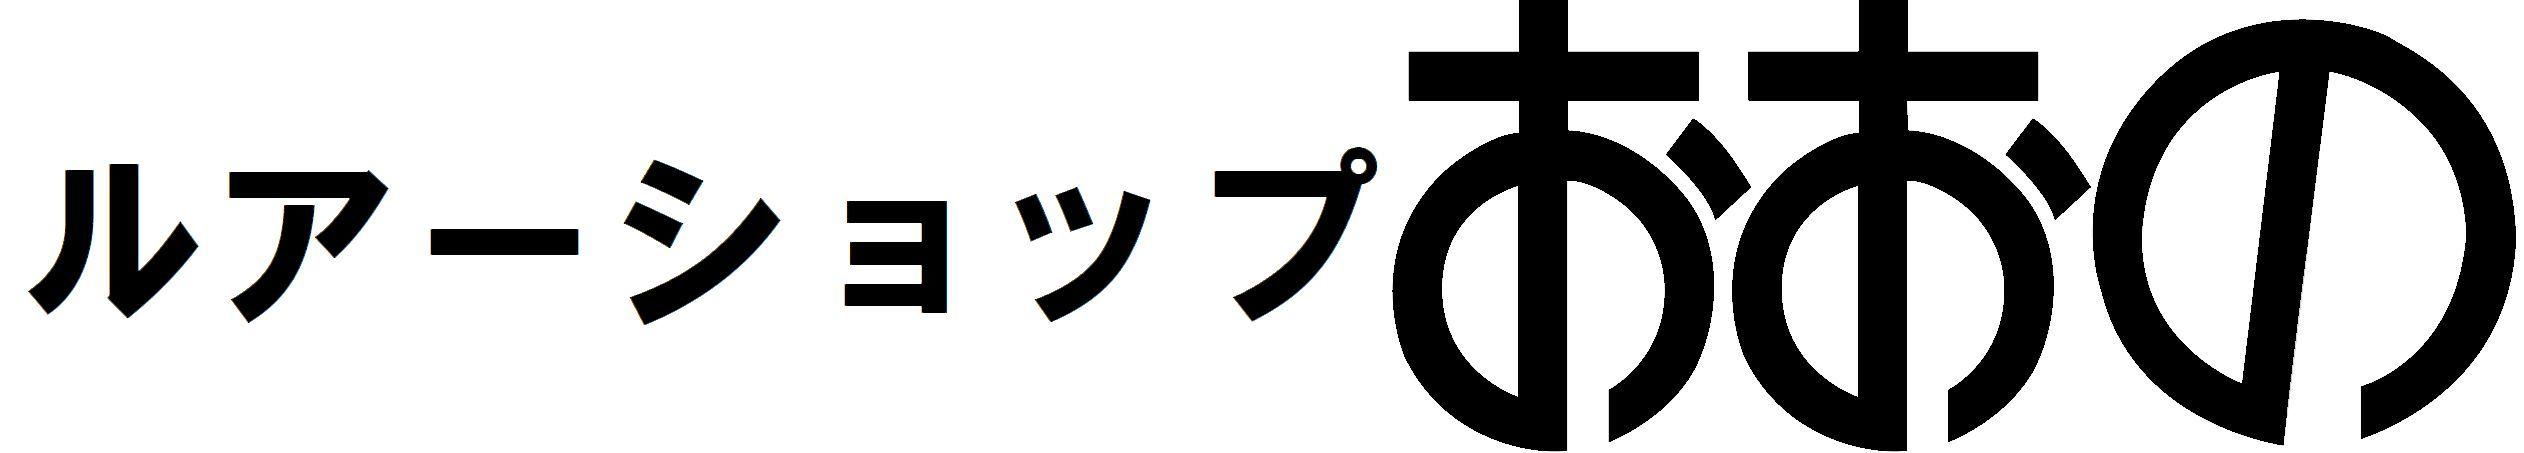 [雷魚]おおのスネークヘッド フォトダービー2019 結果発表。_a0153216_18345742.jpg